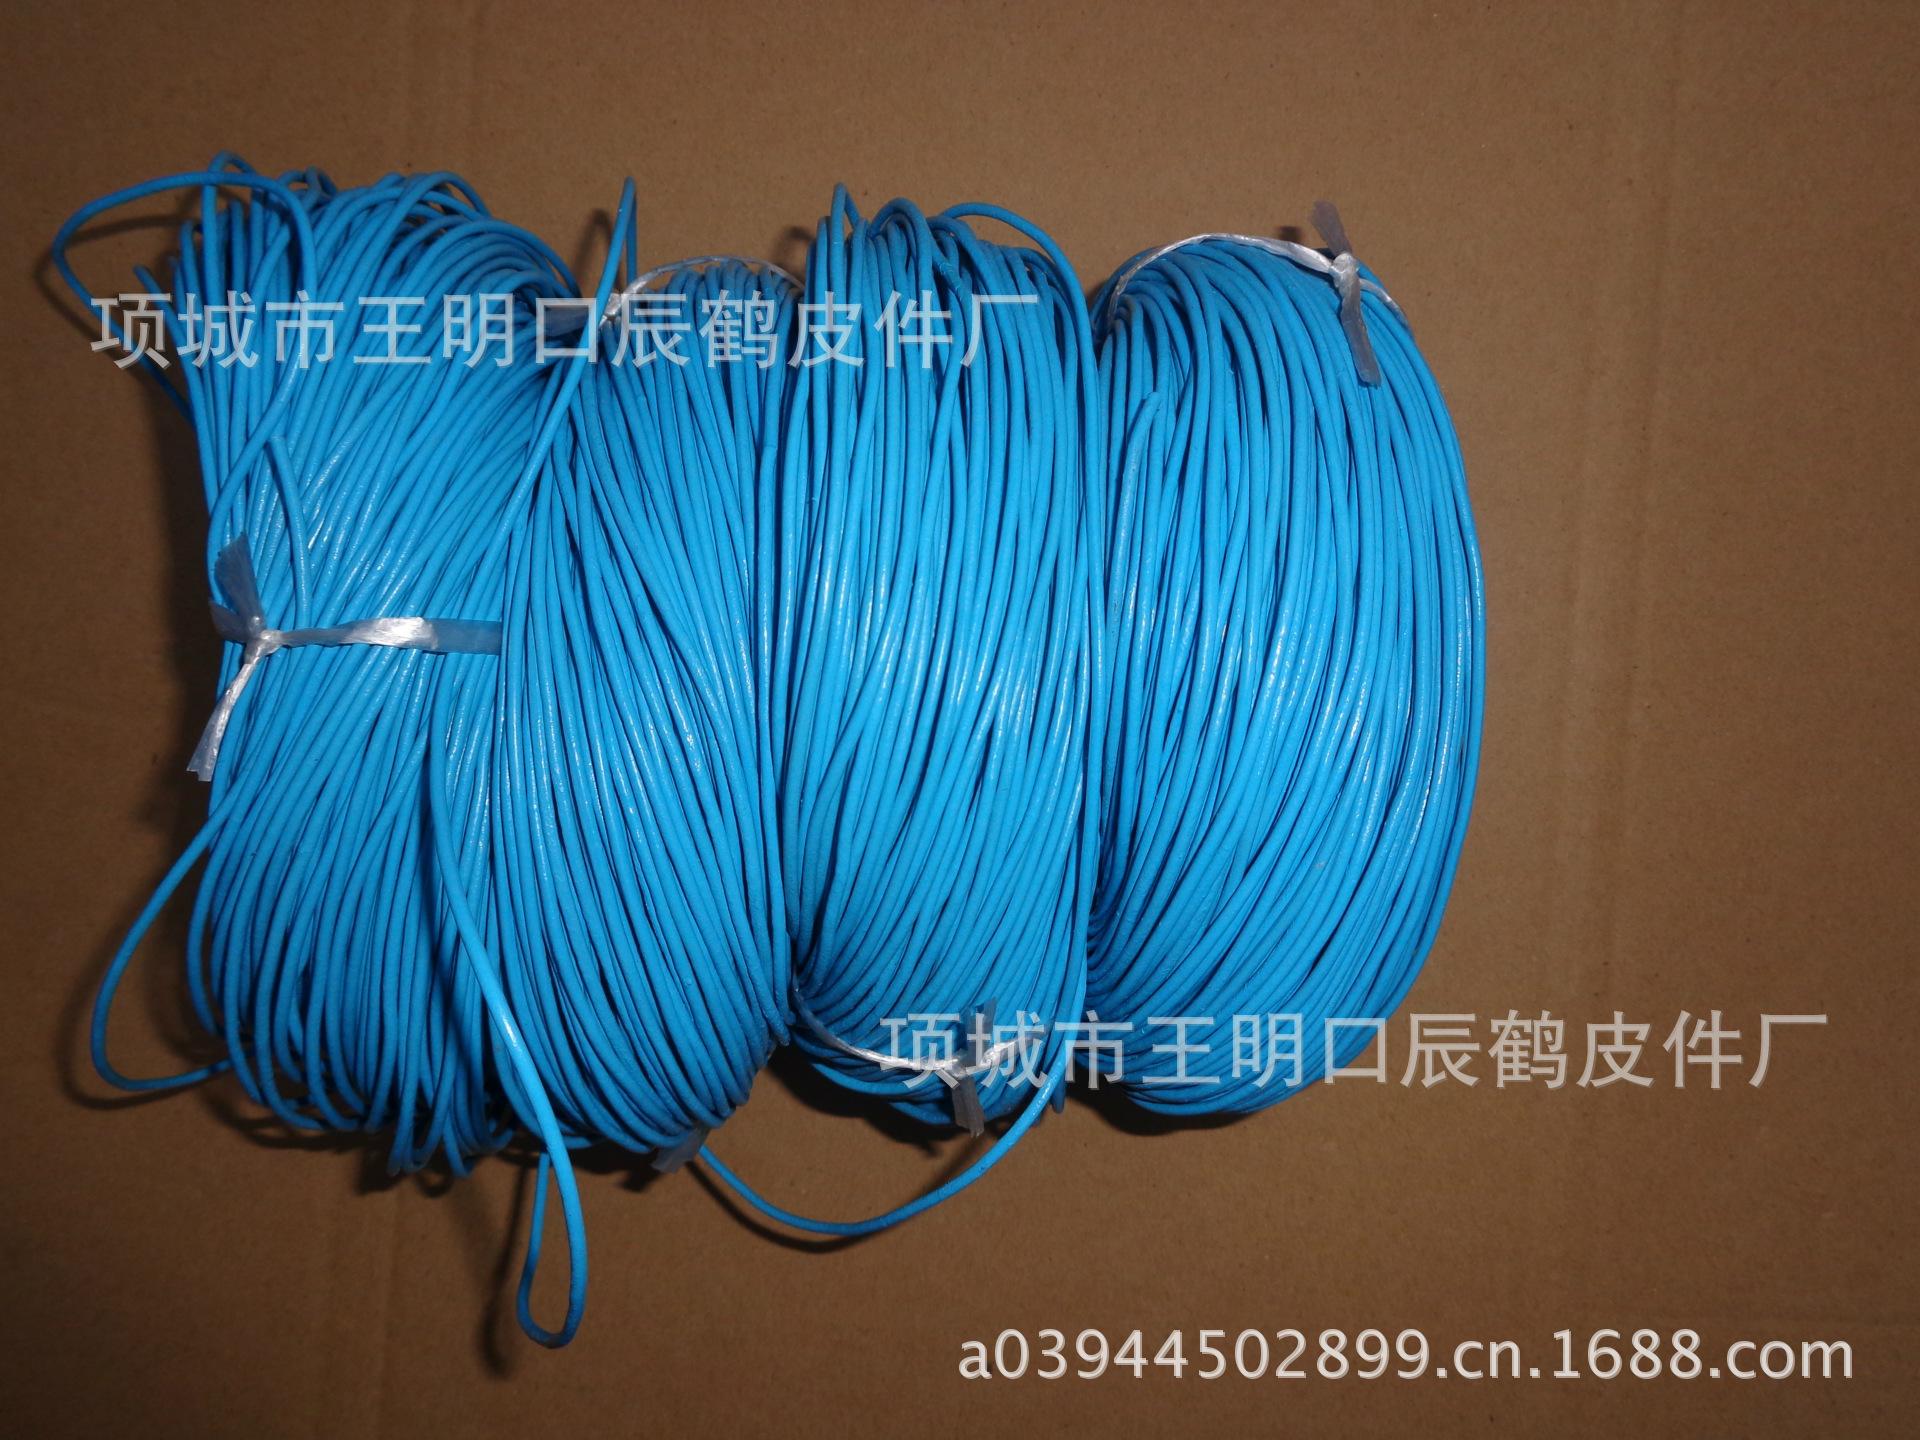 供应牛皮绳  工艺皮绳 编织皮绳 牛皮条